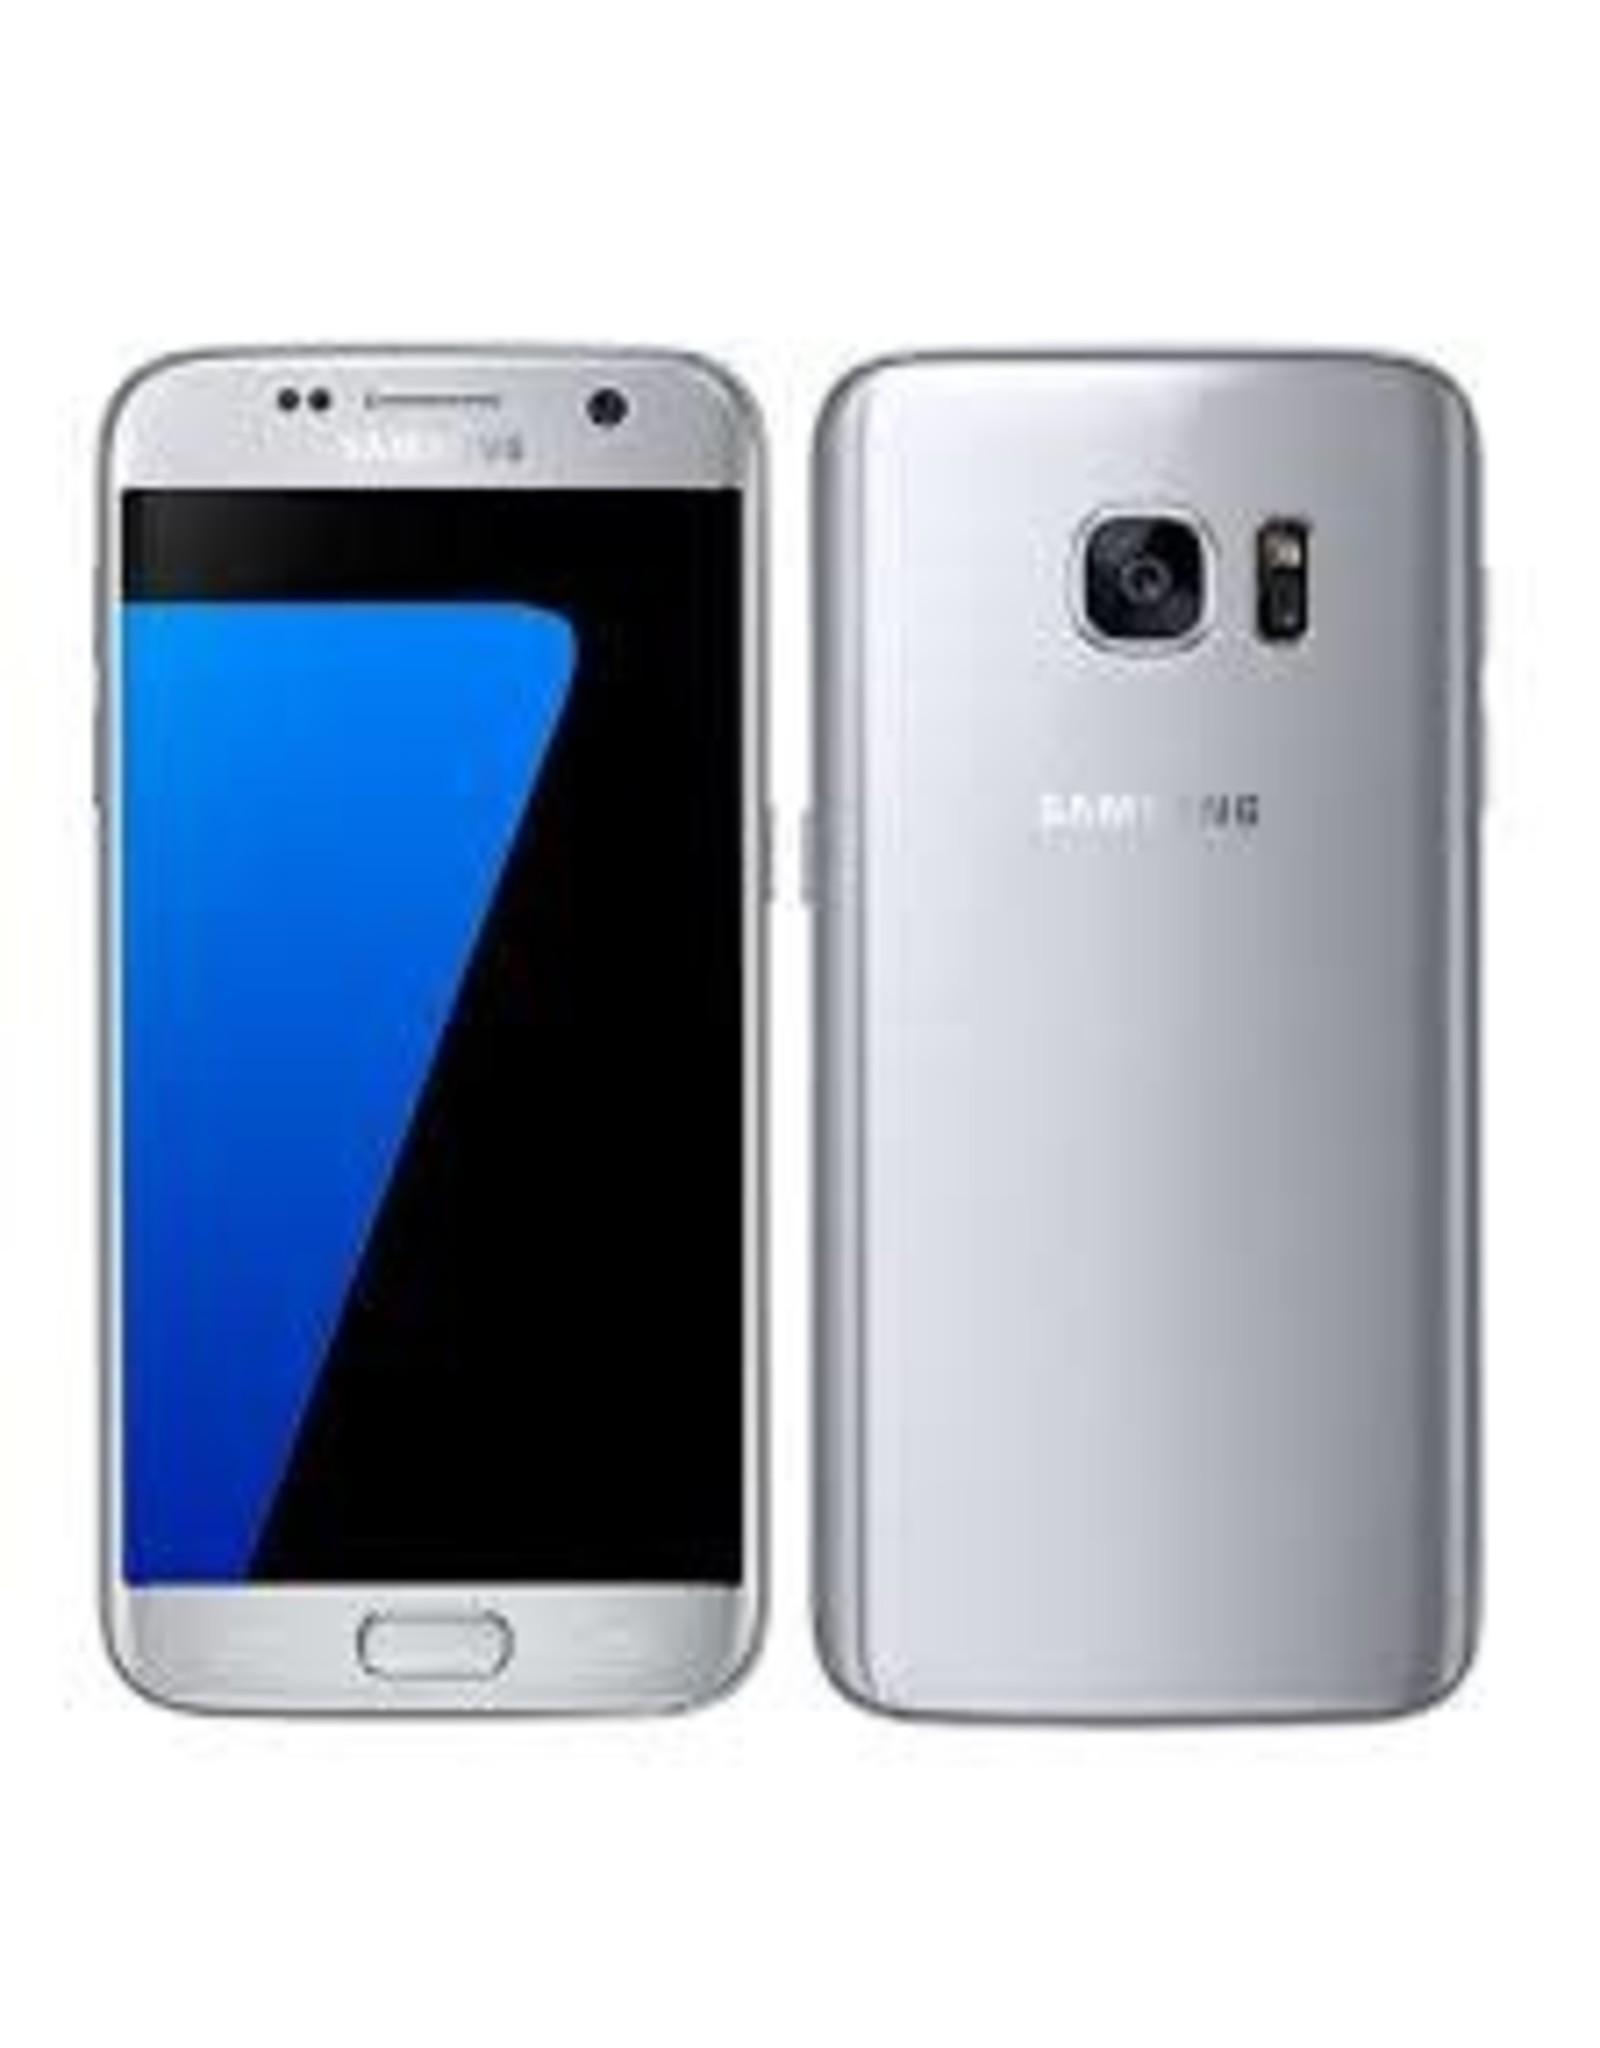 Samsung Samsung Galaxy S7 32GB Silver G930F